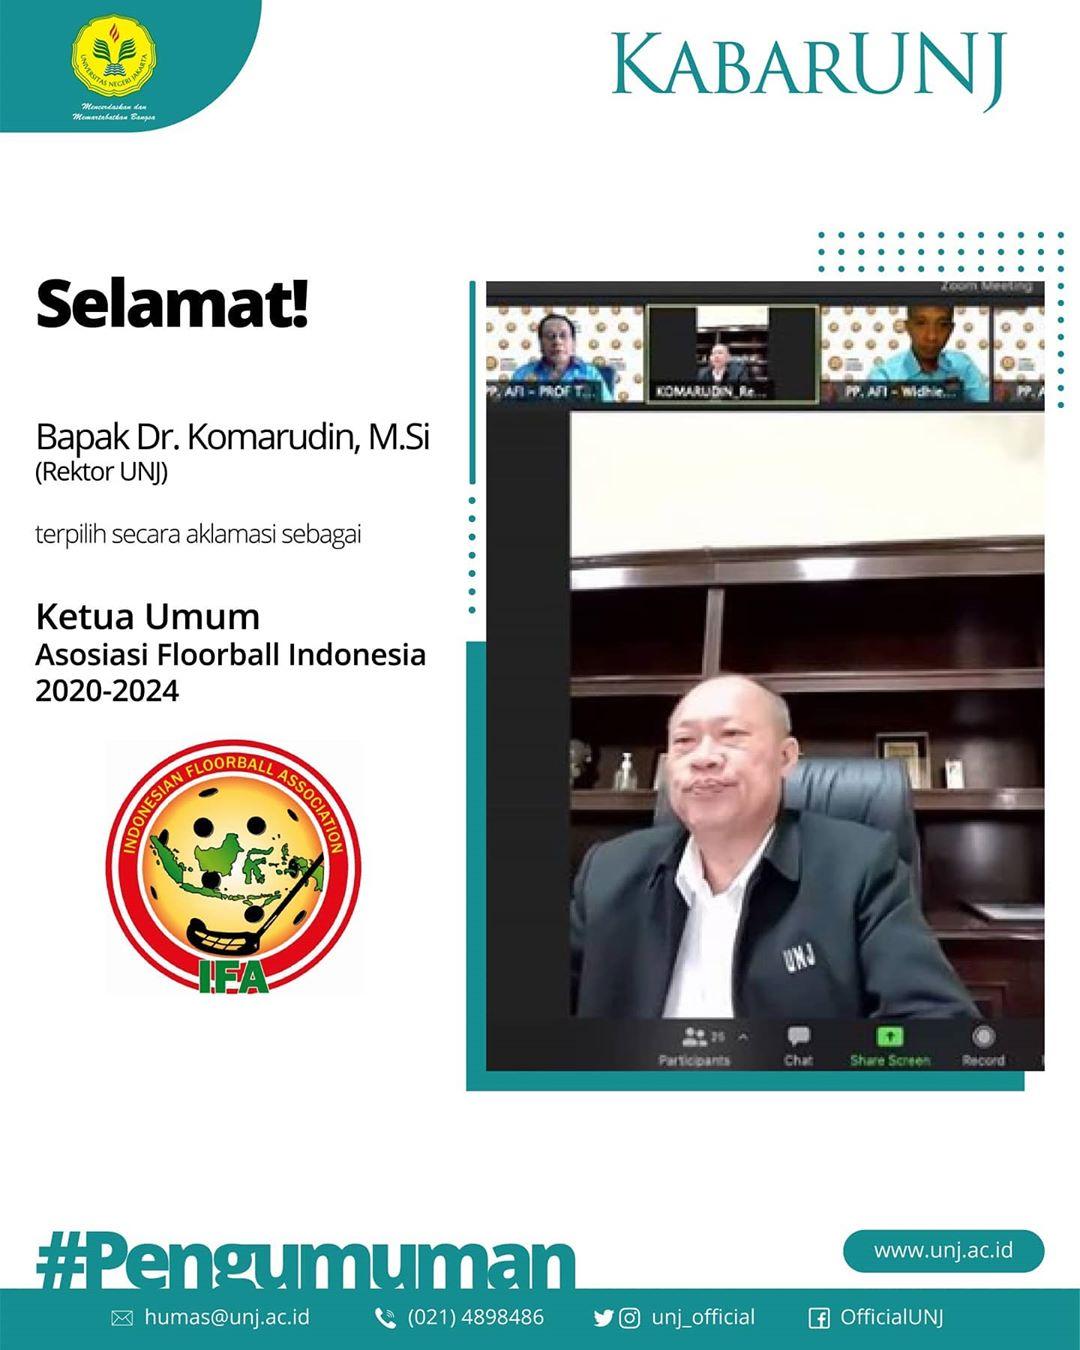 Rektor UNJ terpilih sebagai Ketua Umum Asosiasi Floorball Indonesia Tahun 2020-2024